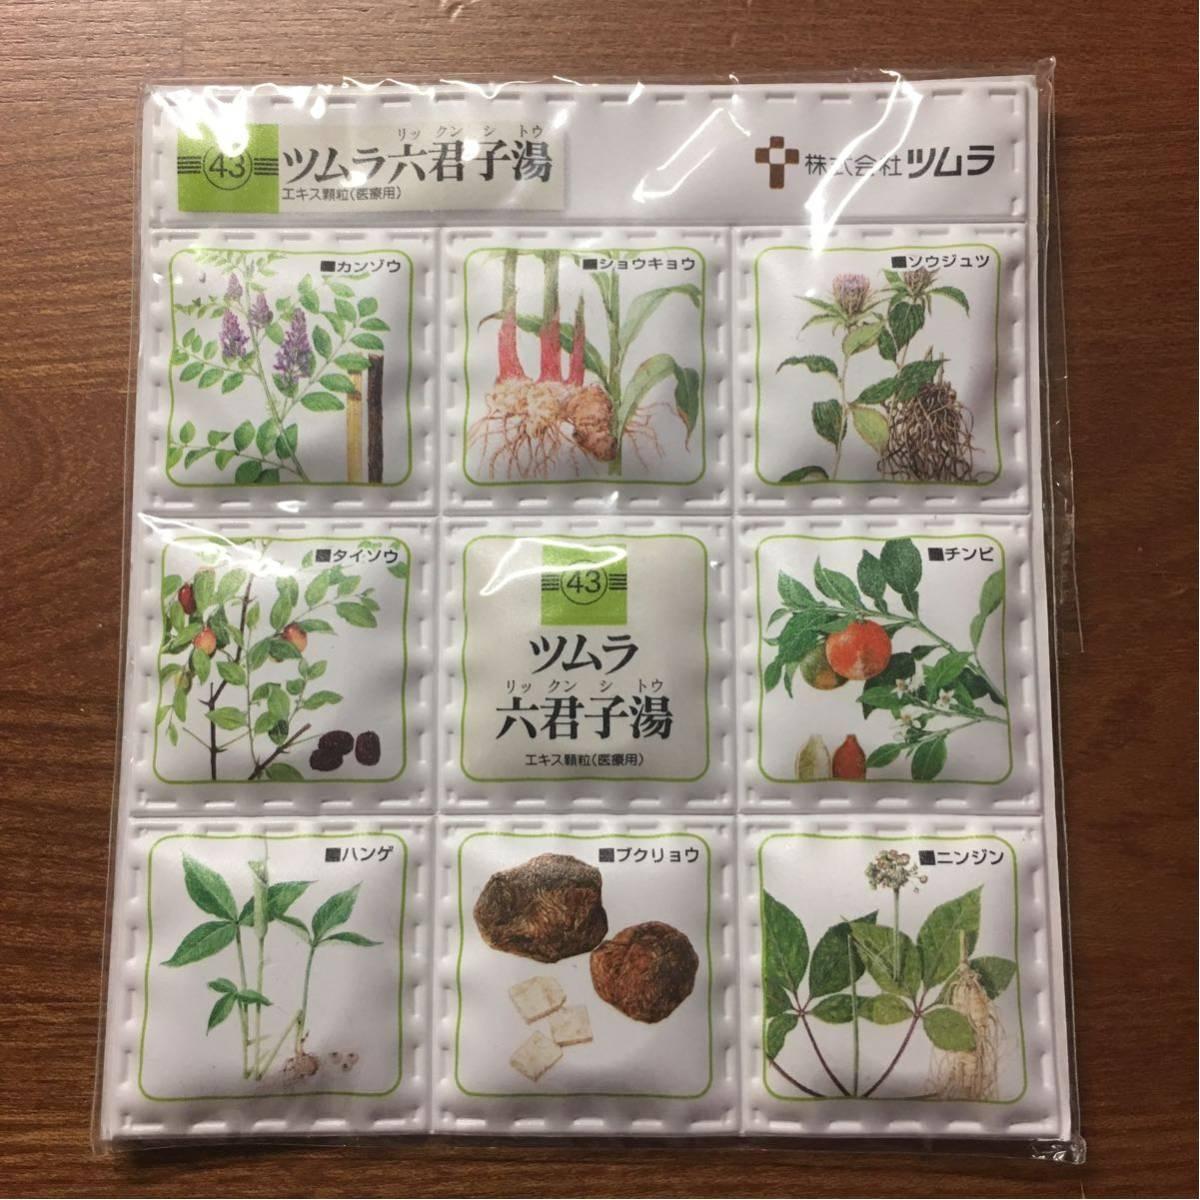 即決 マグネットタイル9ブロック ノベルティー製薬会社ツムラ六君子湯漢方磁石